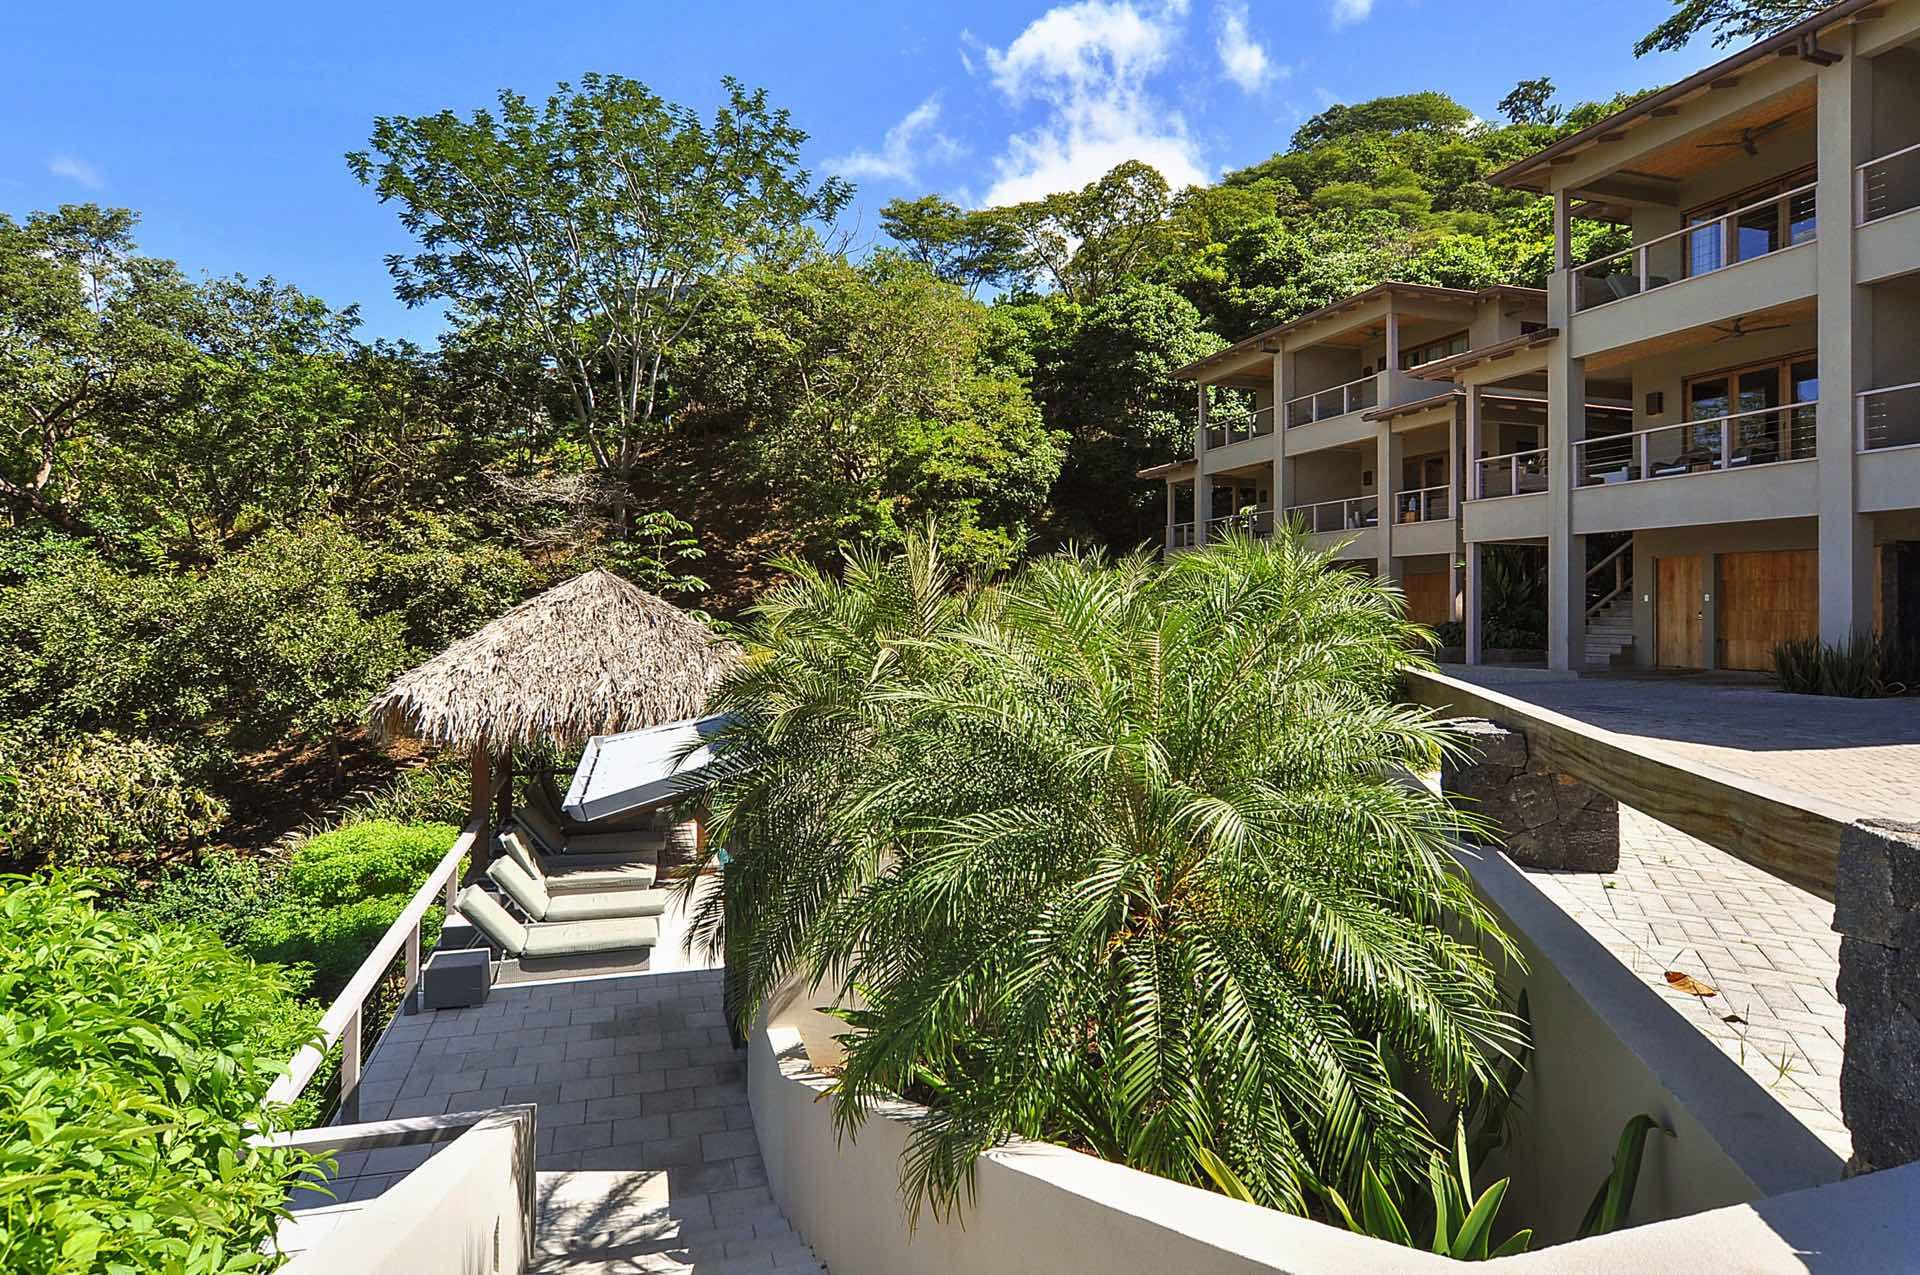 The Las Mareas Villas